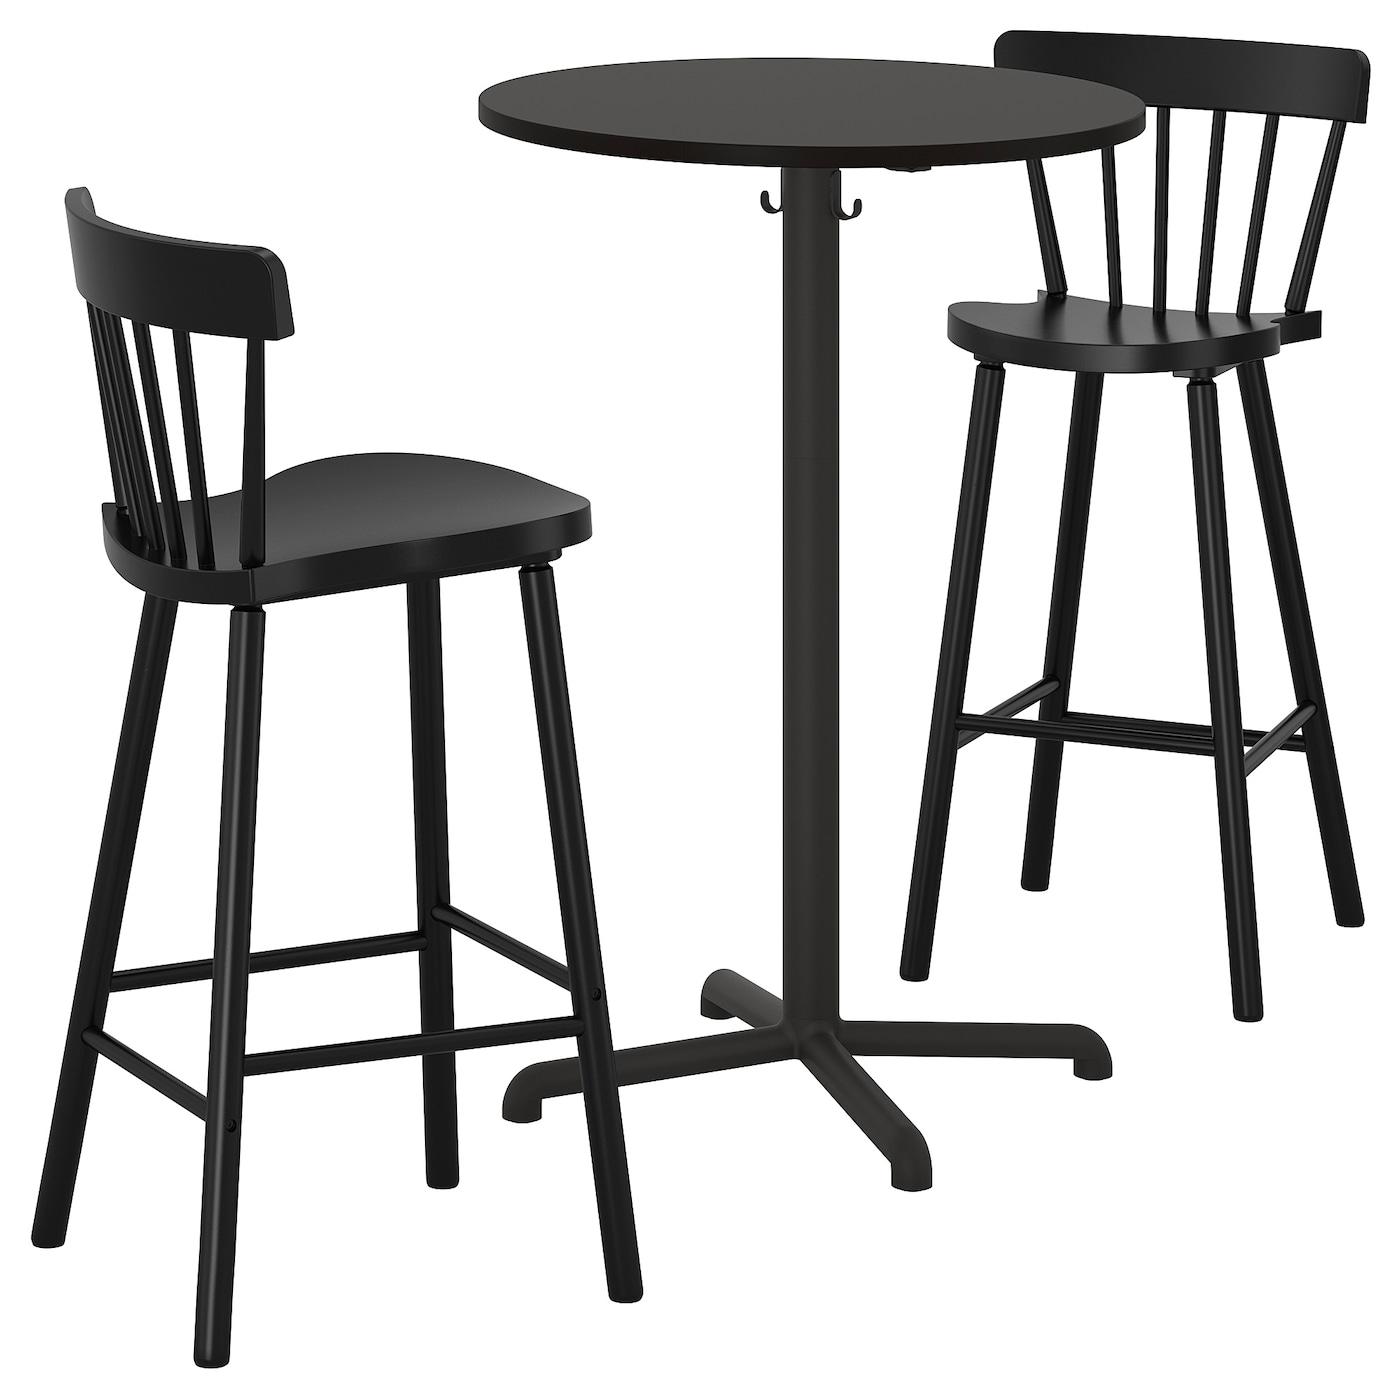 STENSELE / NORRARYD   Küche und Esszimmer > Bar-Möbel > Tresen und Theken   Anthrazit - Schwarz   IKEA